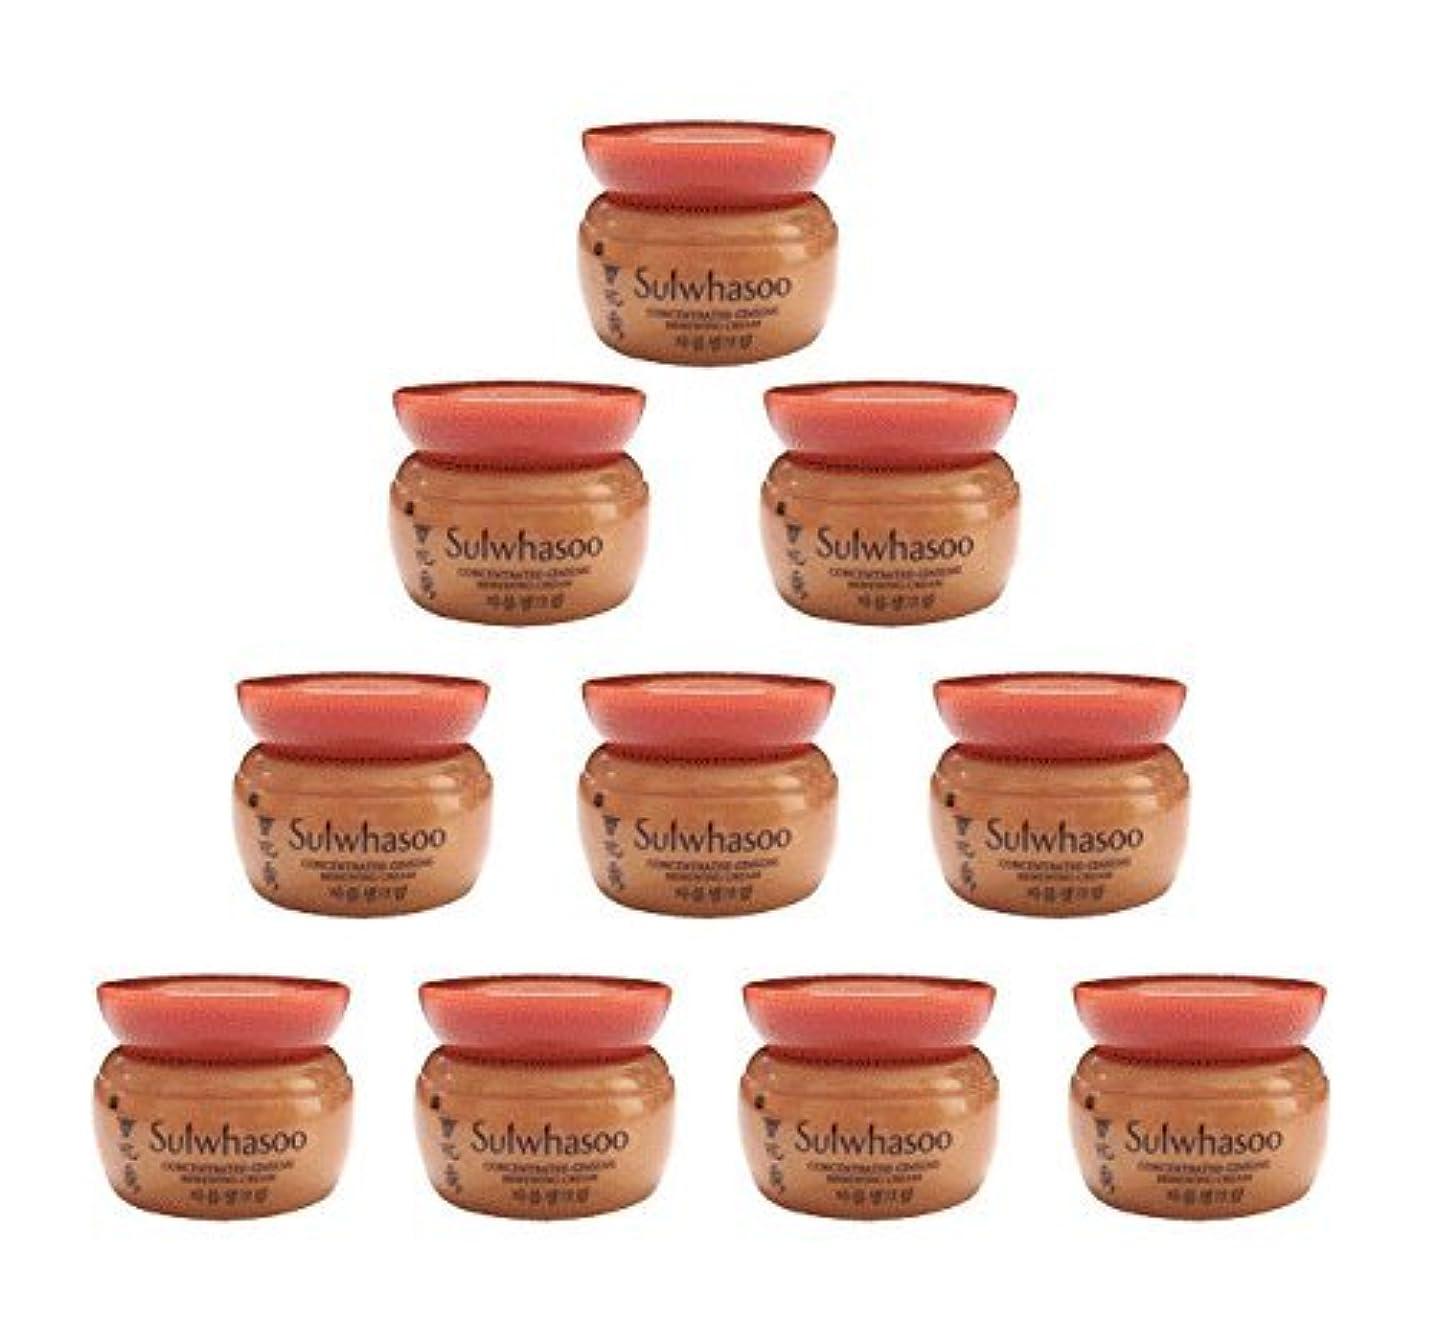 落ち着いて底ヘッジ【ソルファス 雪花秀 Sulwhasoo】 Concentrated Ginseng Renewing Cream(50ml) 5ml x 10個 韓国化粧品 ブランドのサンプル [並行輸入品]